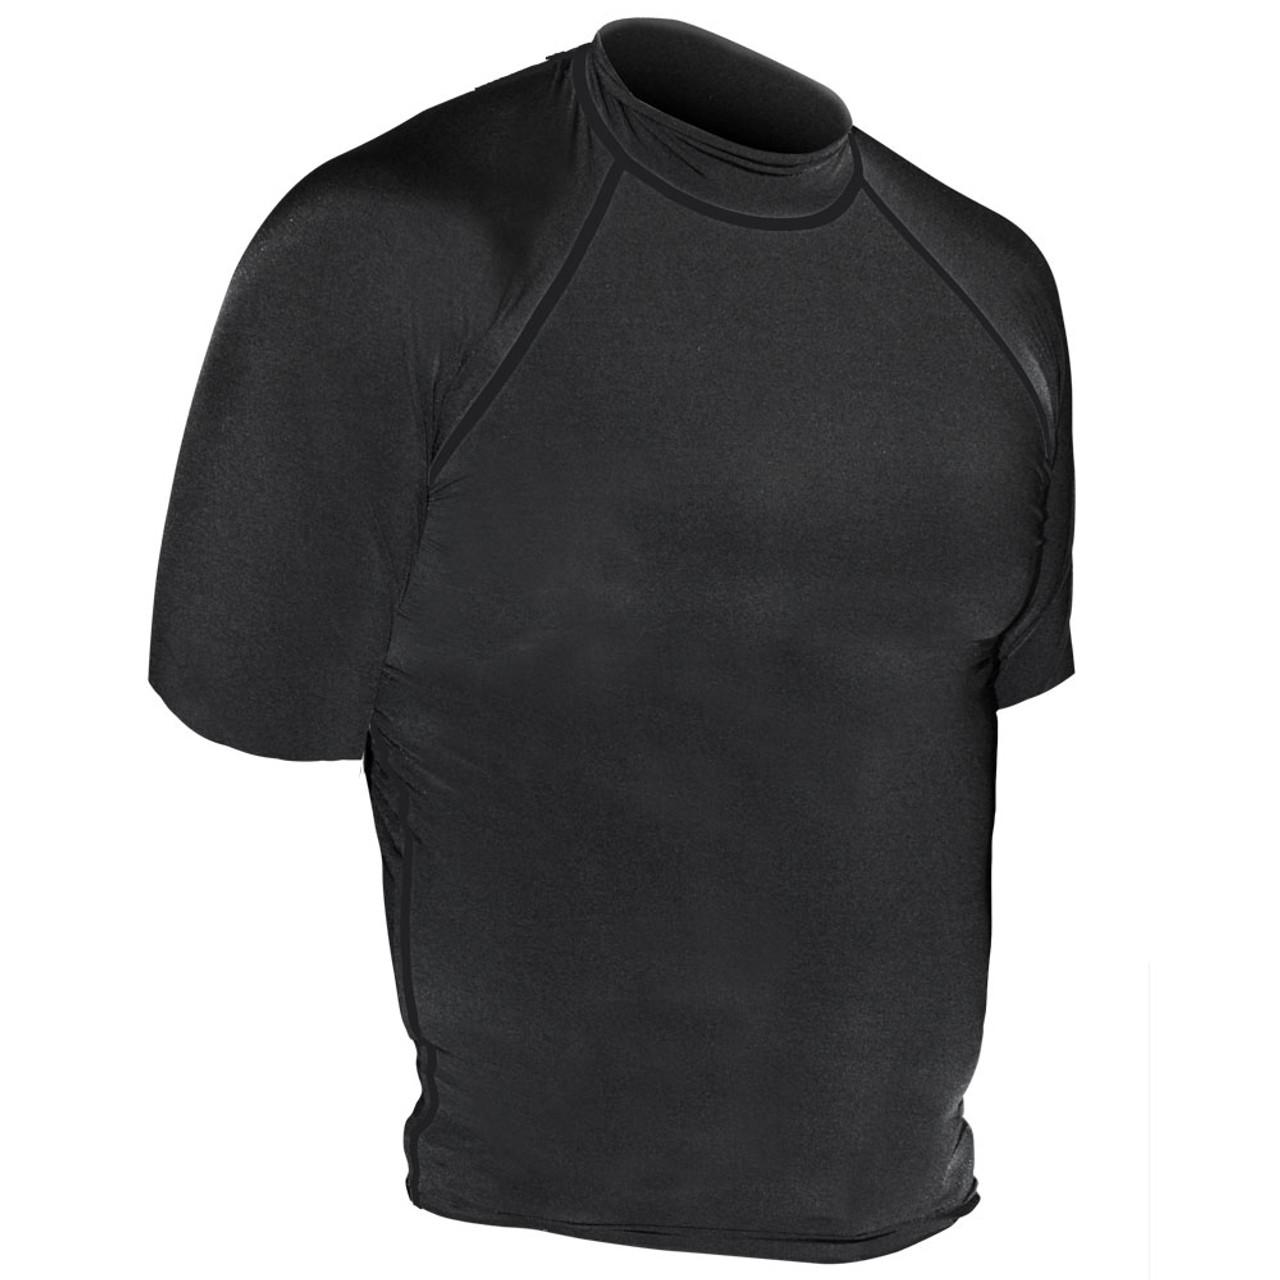 Solid Rash Guard - Short Sleeve